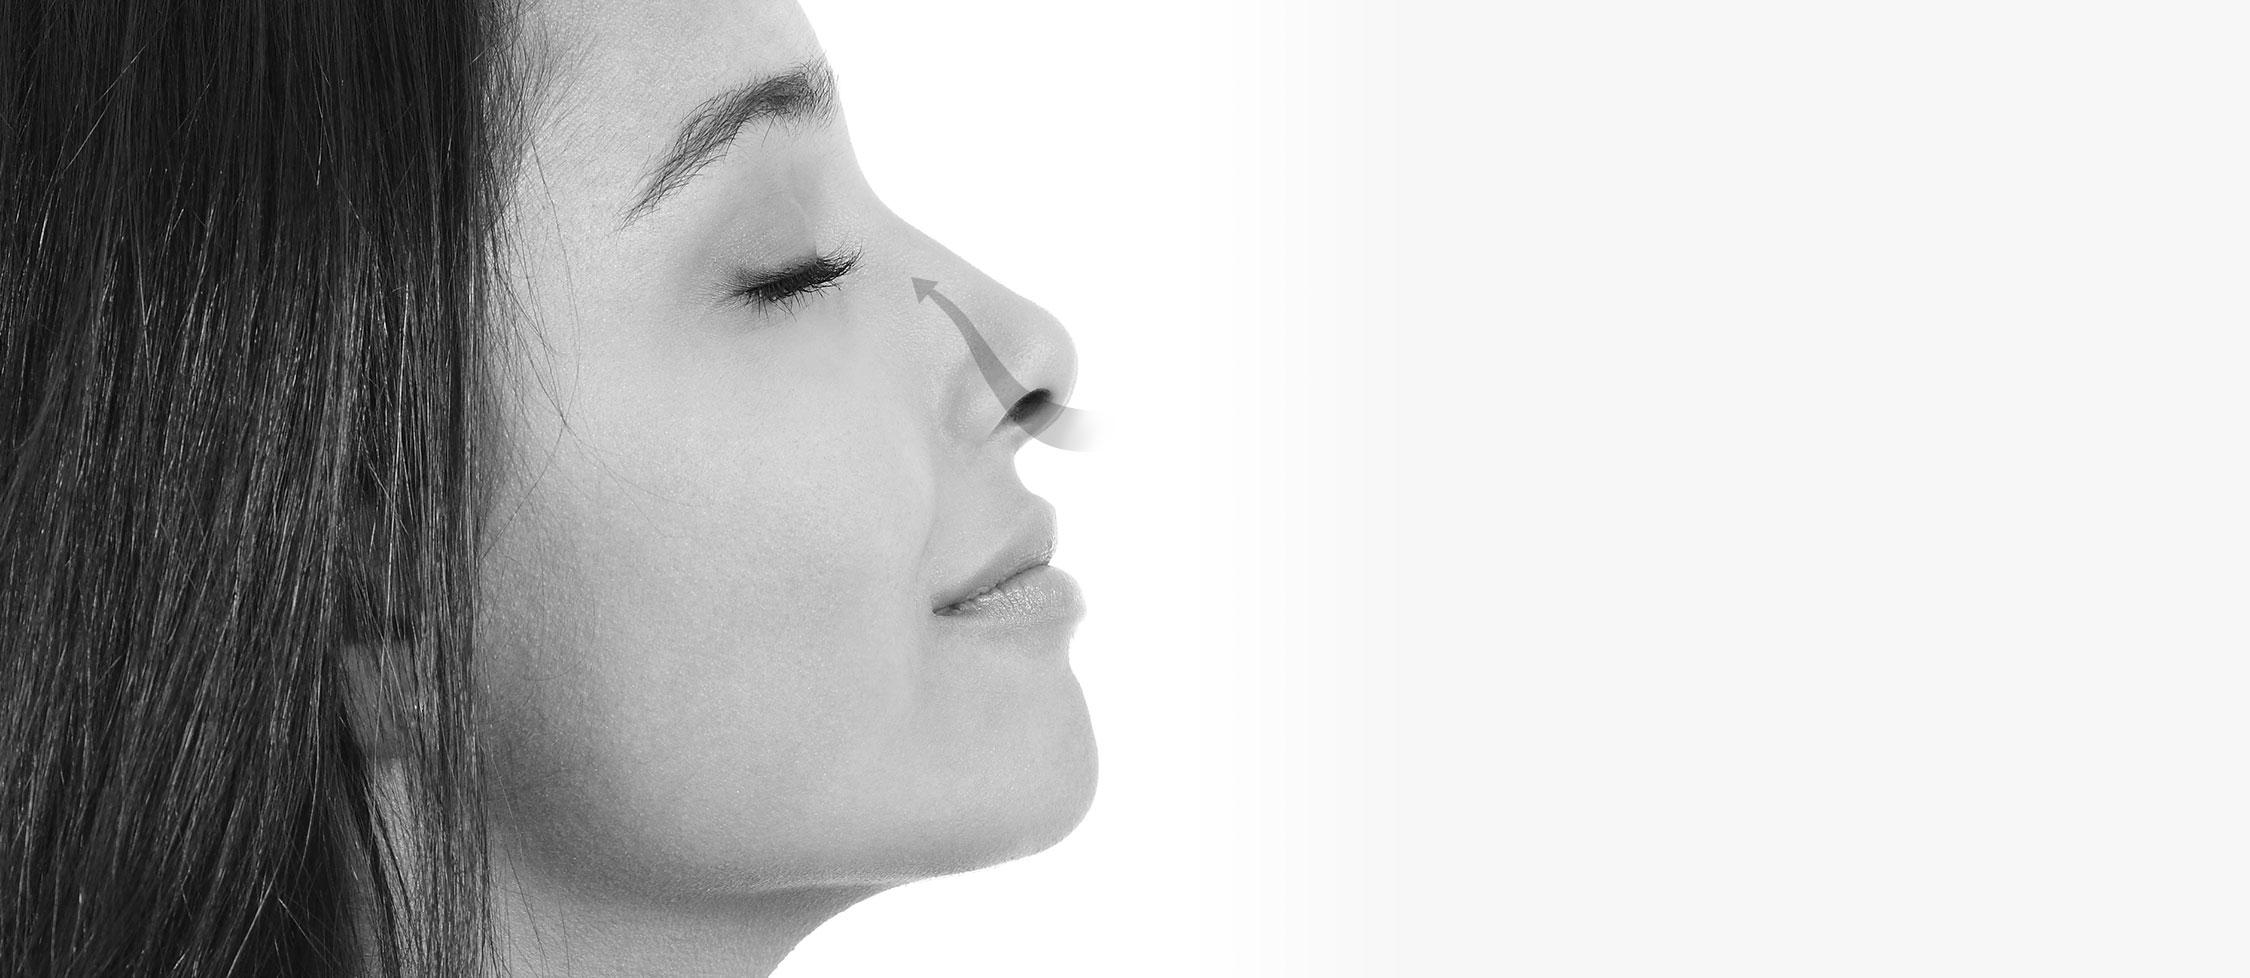 La septoplastie à Lyon - chirurgie du nez et visage | Dr Durbec